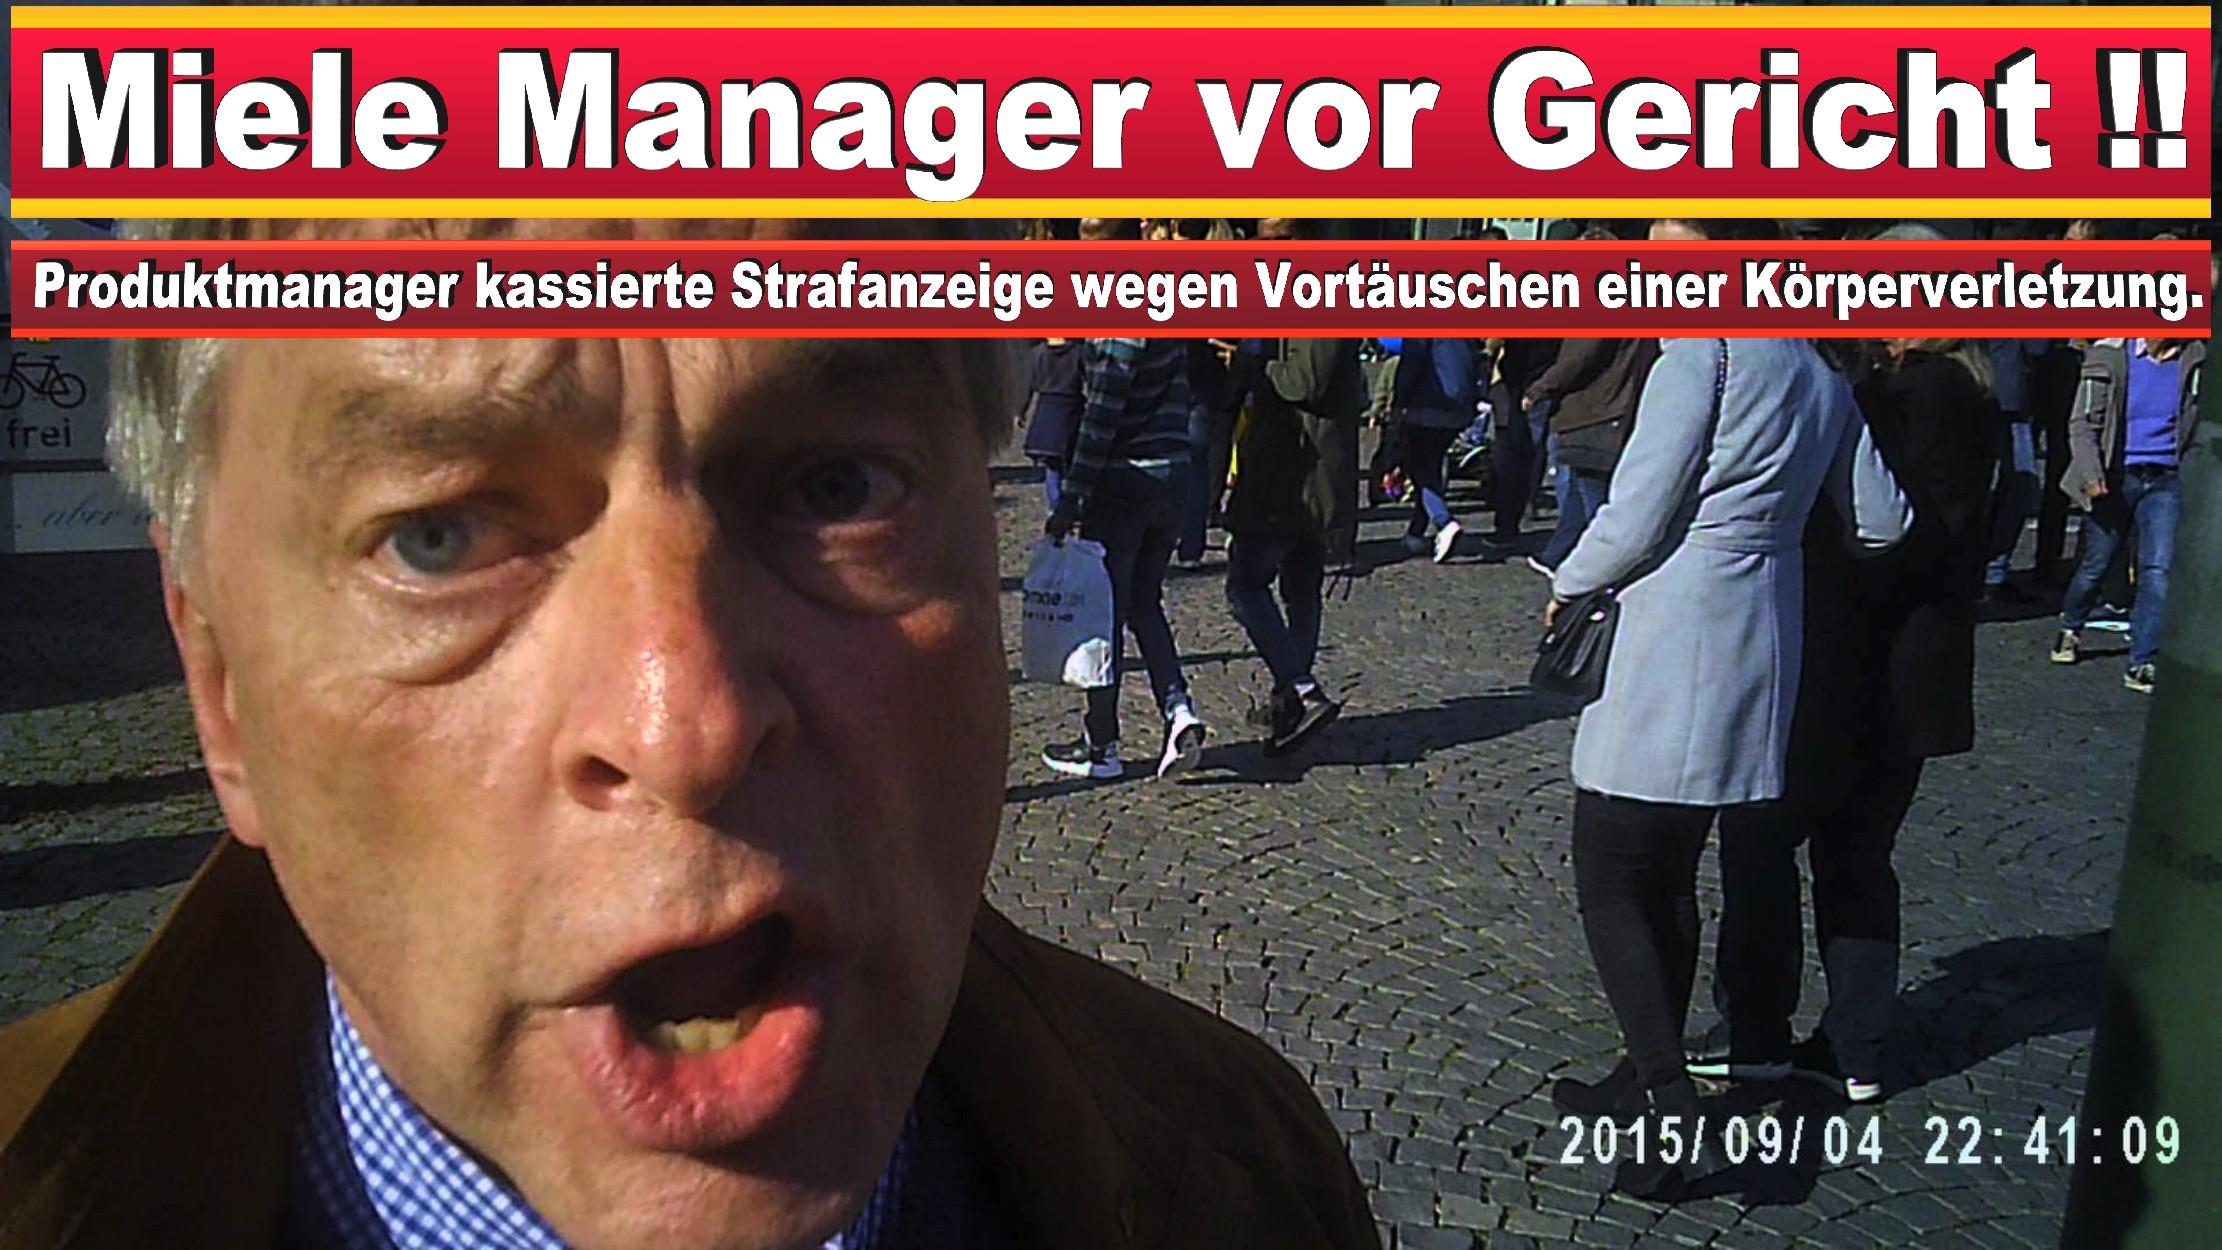 CDU BIELEFELD POLIZEIGEWALT GEWALTAUSBRUCH UND STRAFANZEIGE GEGEN EINEN JOURNALISTEN (11)